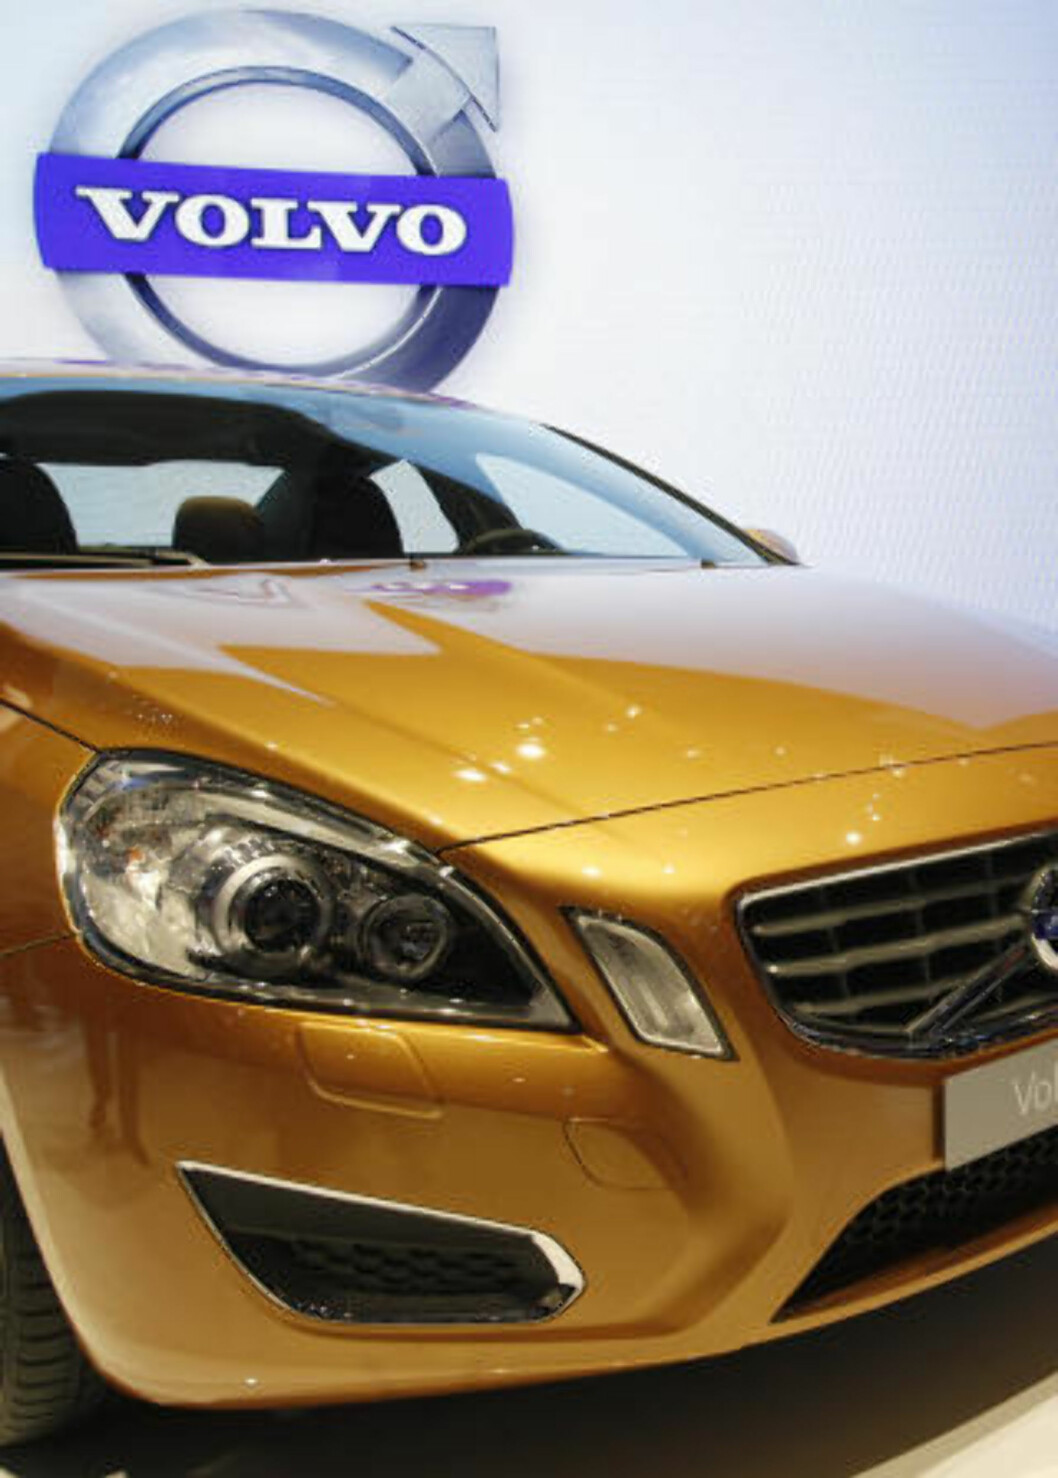 <strong>UTFORDREREN:</strong> Volvos mest sportslige bilmodell til nå, S60/V60, skal ta opp kampen mot Audi A4 og BMW 3-serie. Foto: REUTERS/SCANPIX